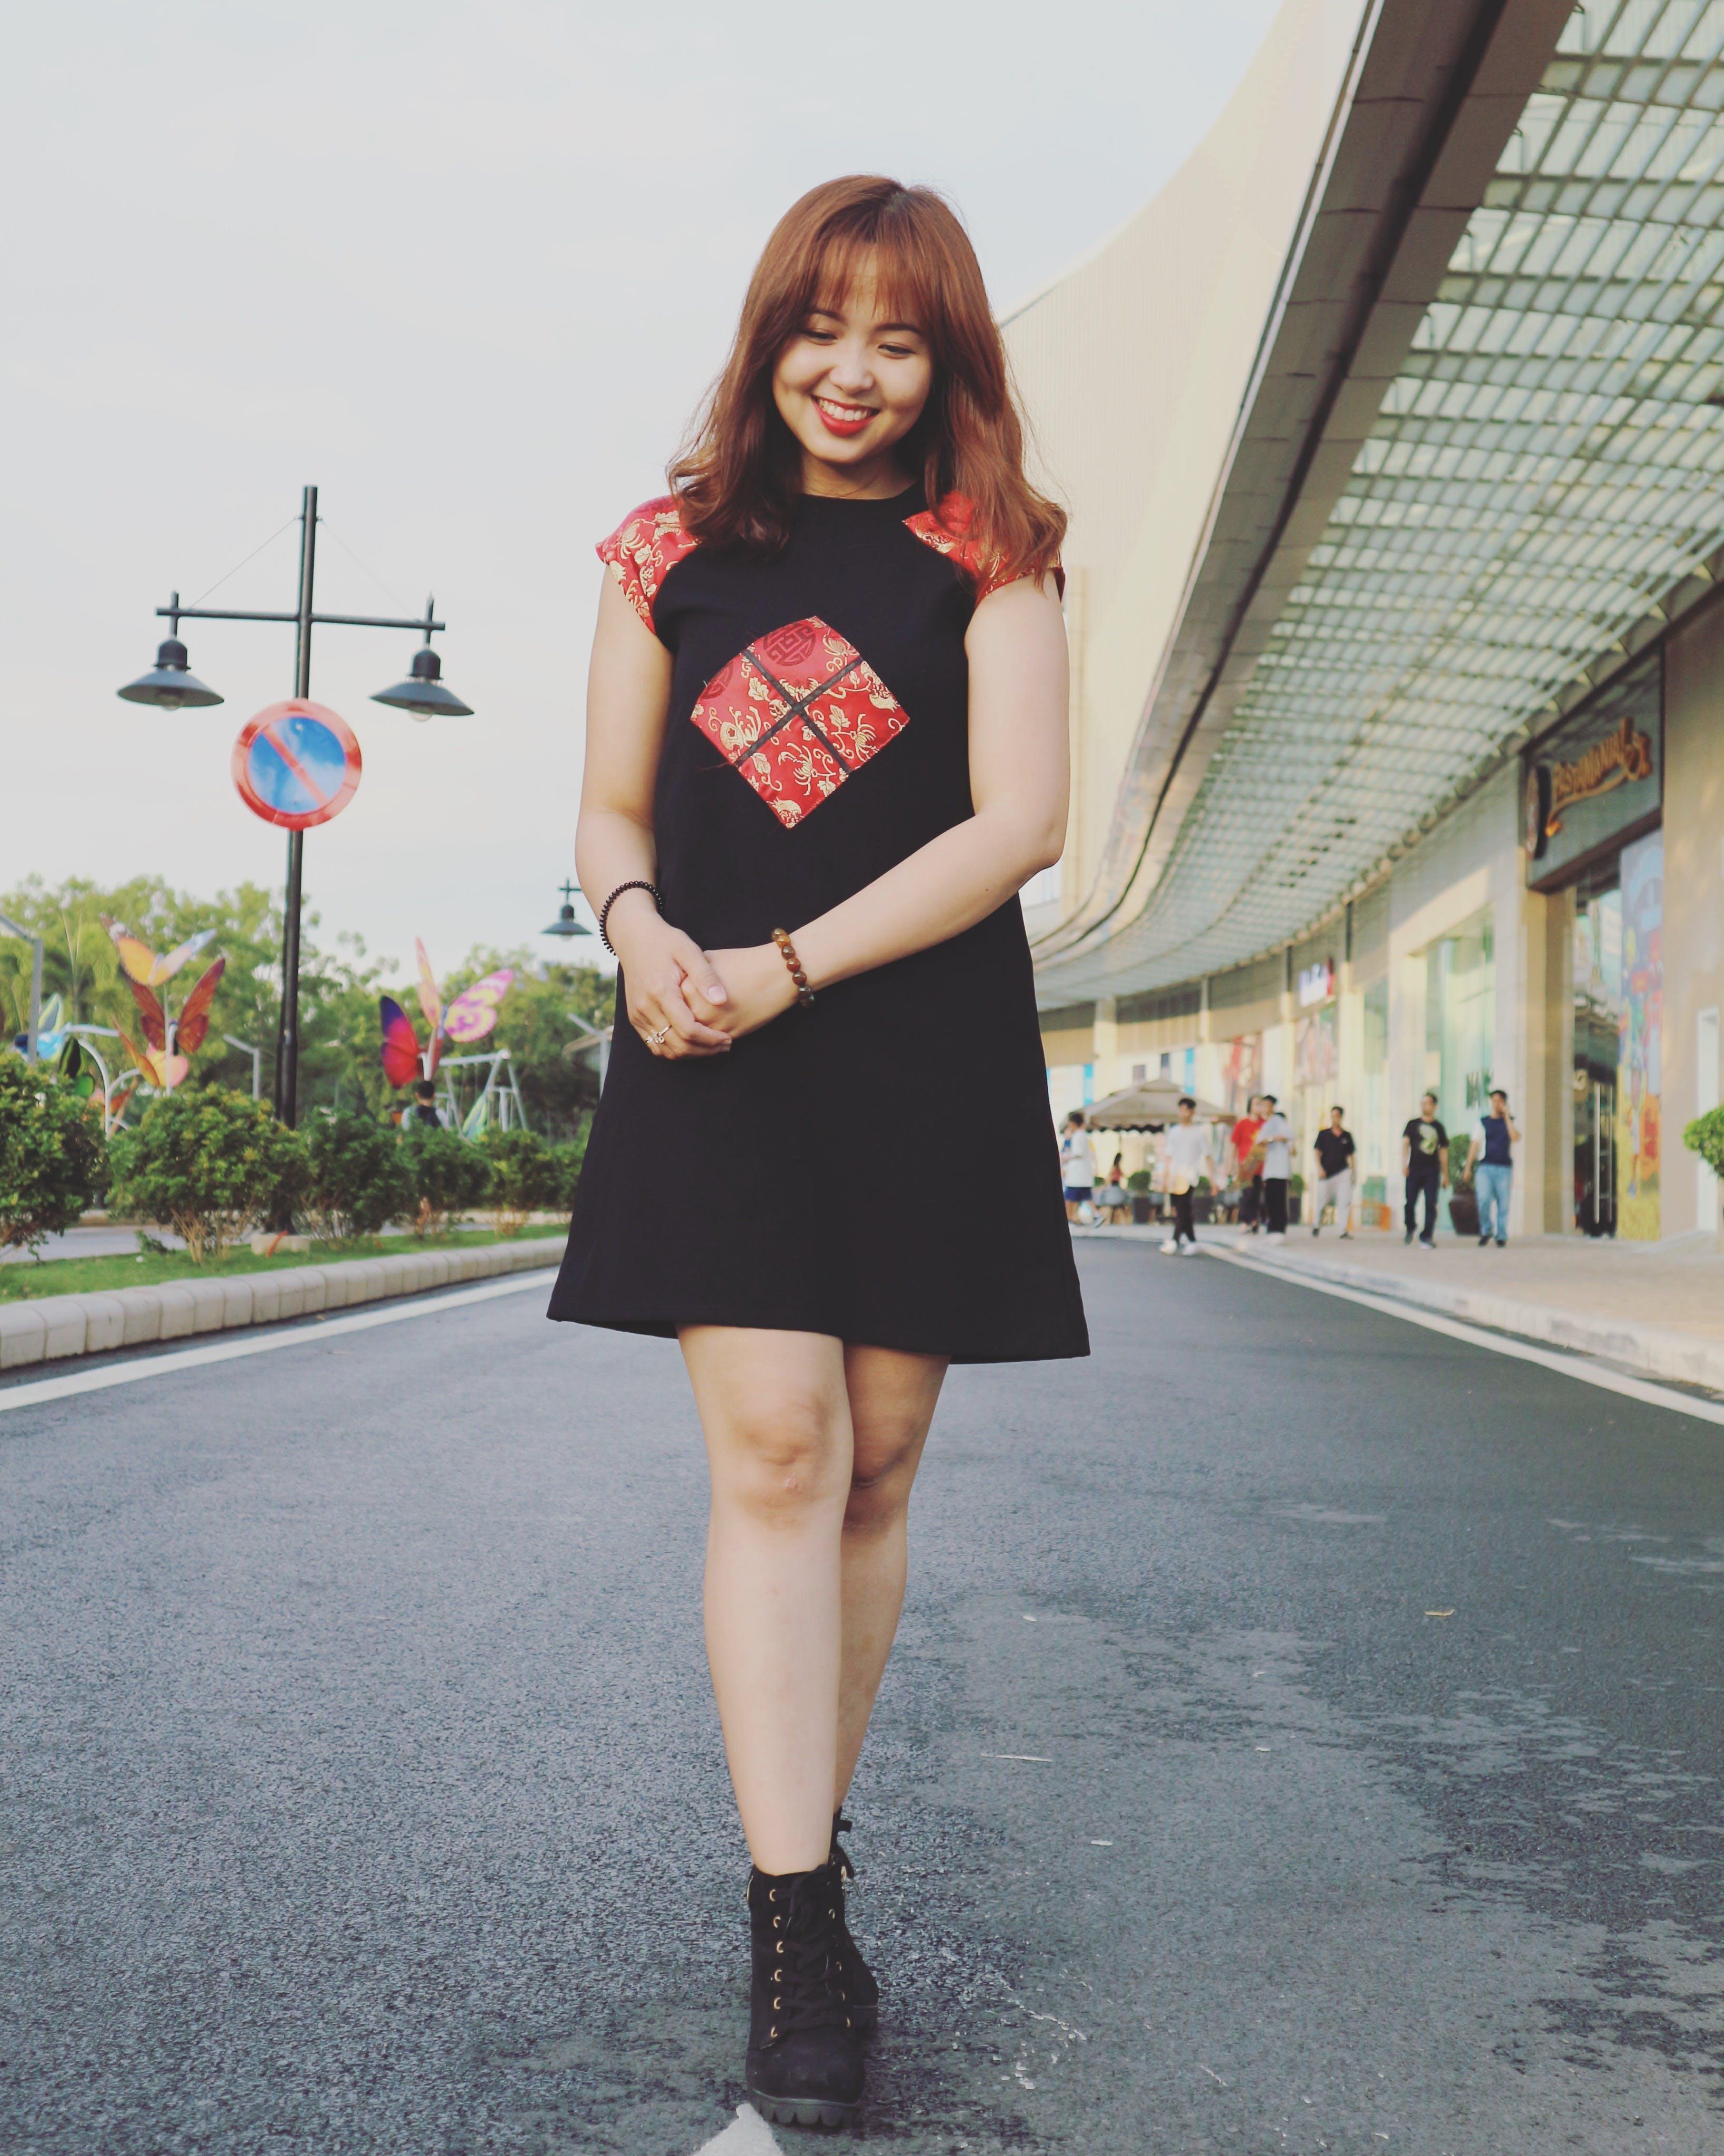 Kostenloses Stock Foto zu asiatin, asiatische frau, attraktiv, dame